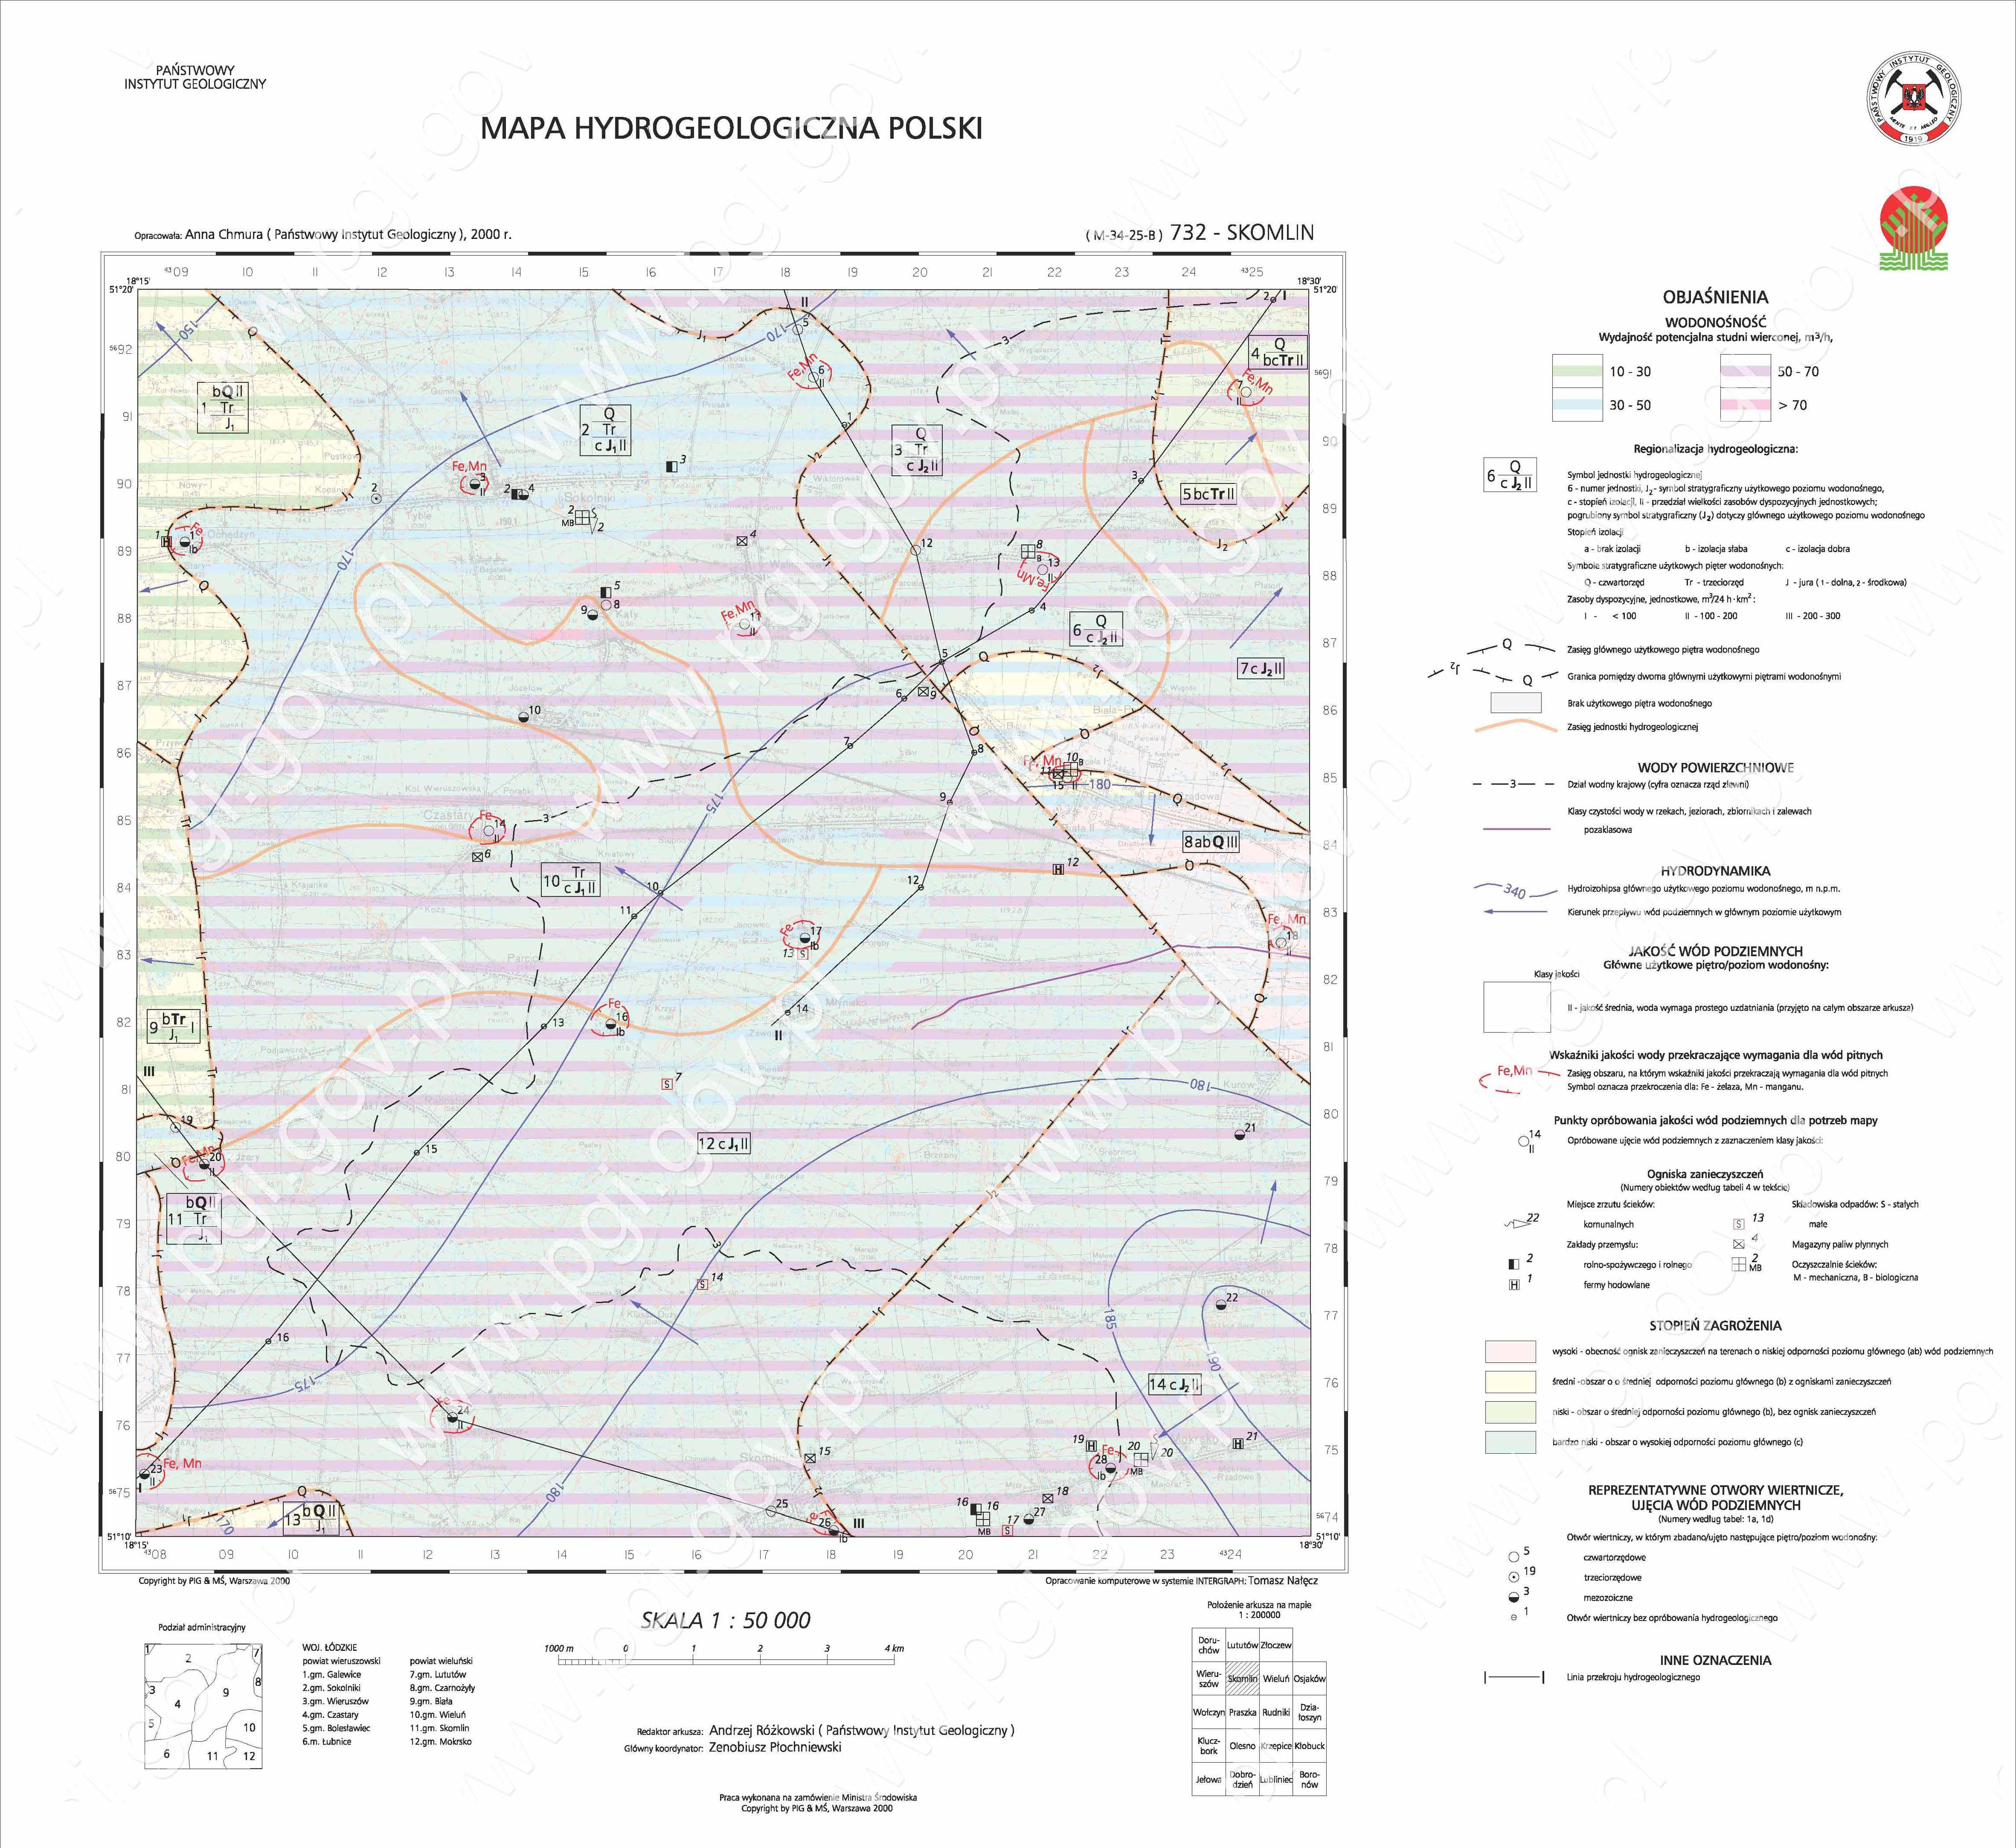 Kartografia Hydrogeologiczna Panstwowy Instytut Geologiczny Pib